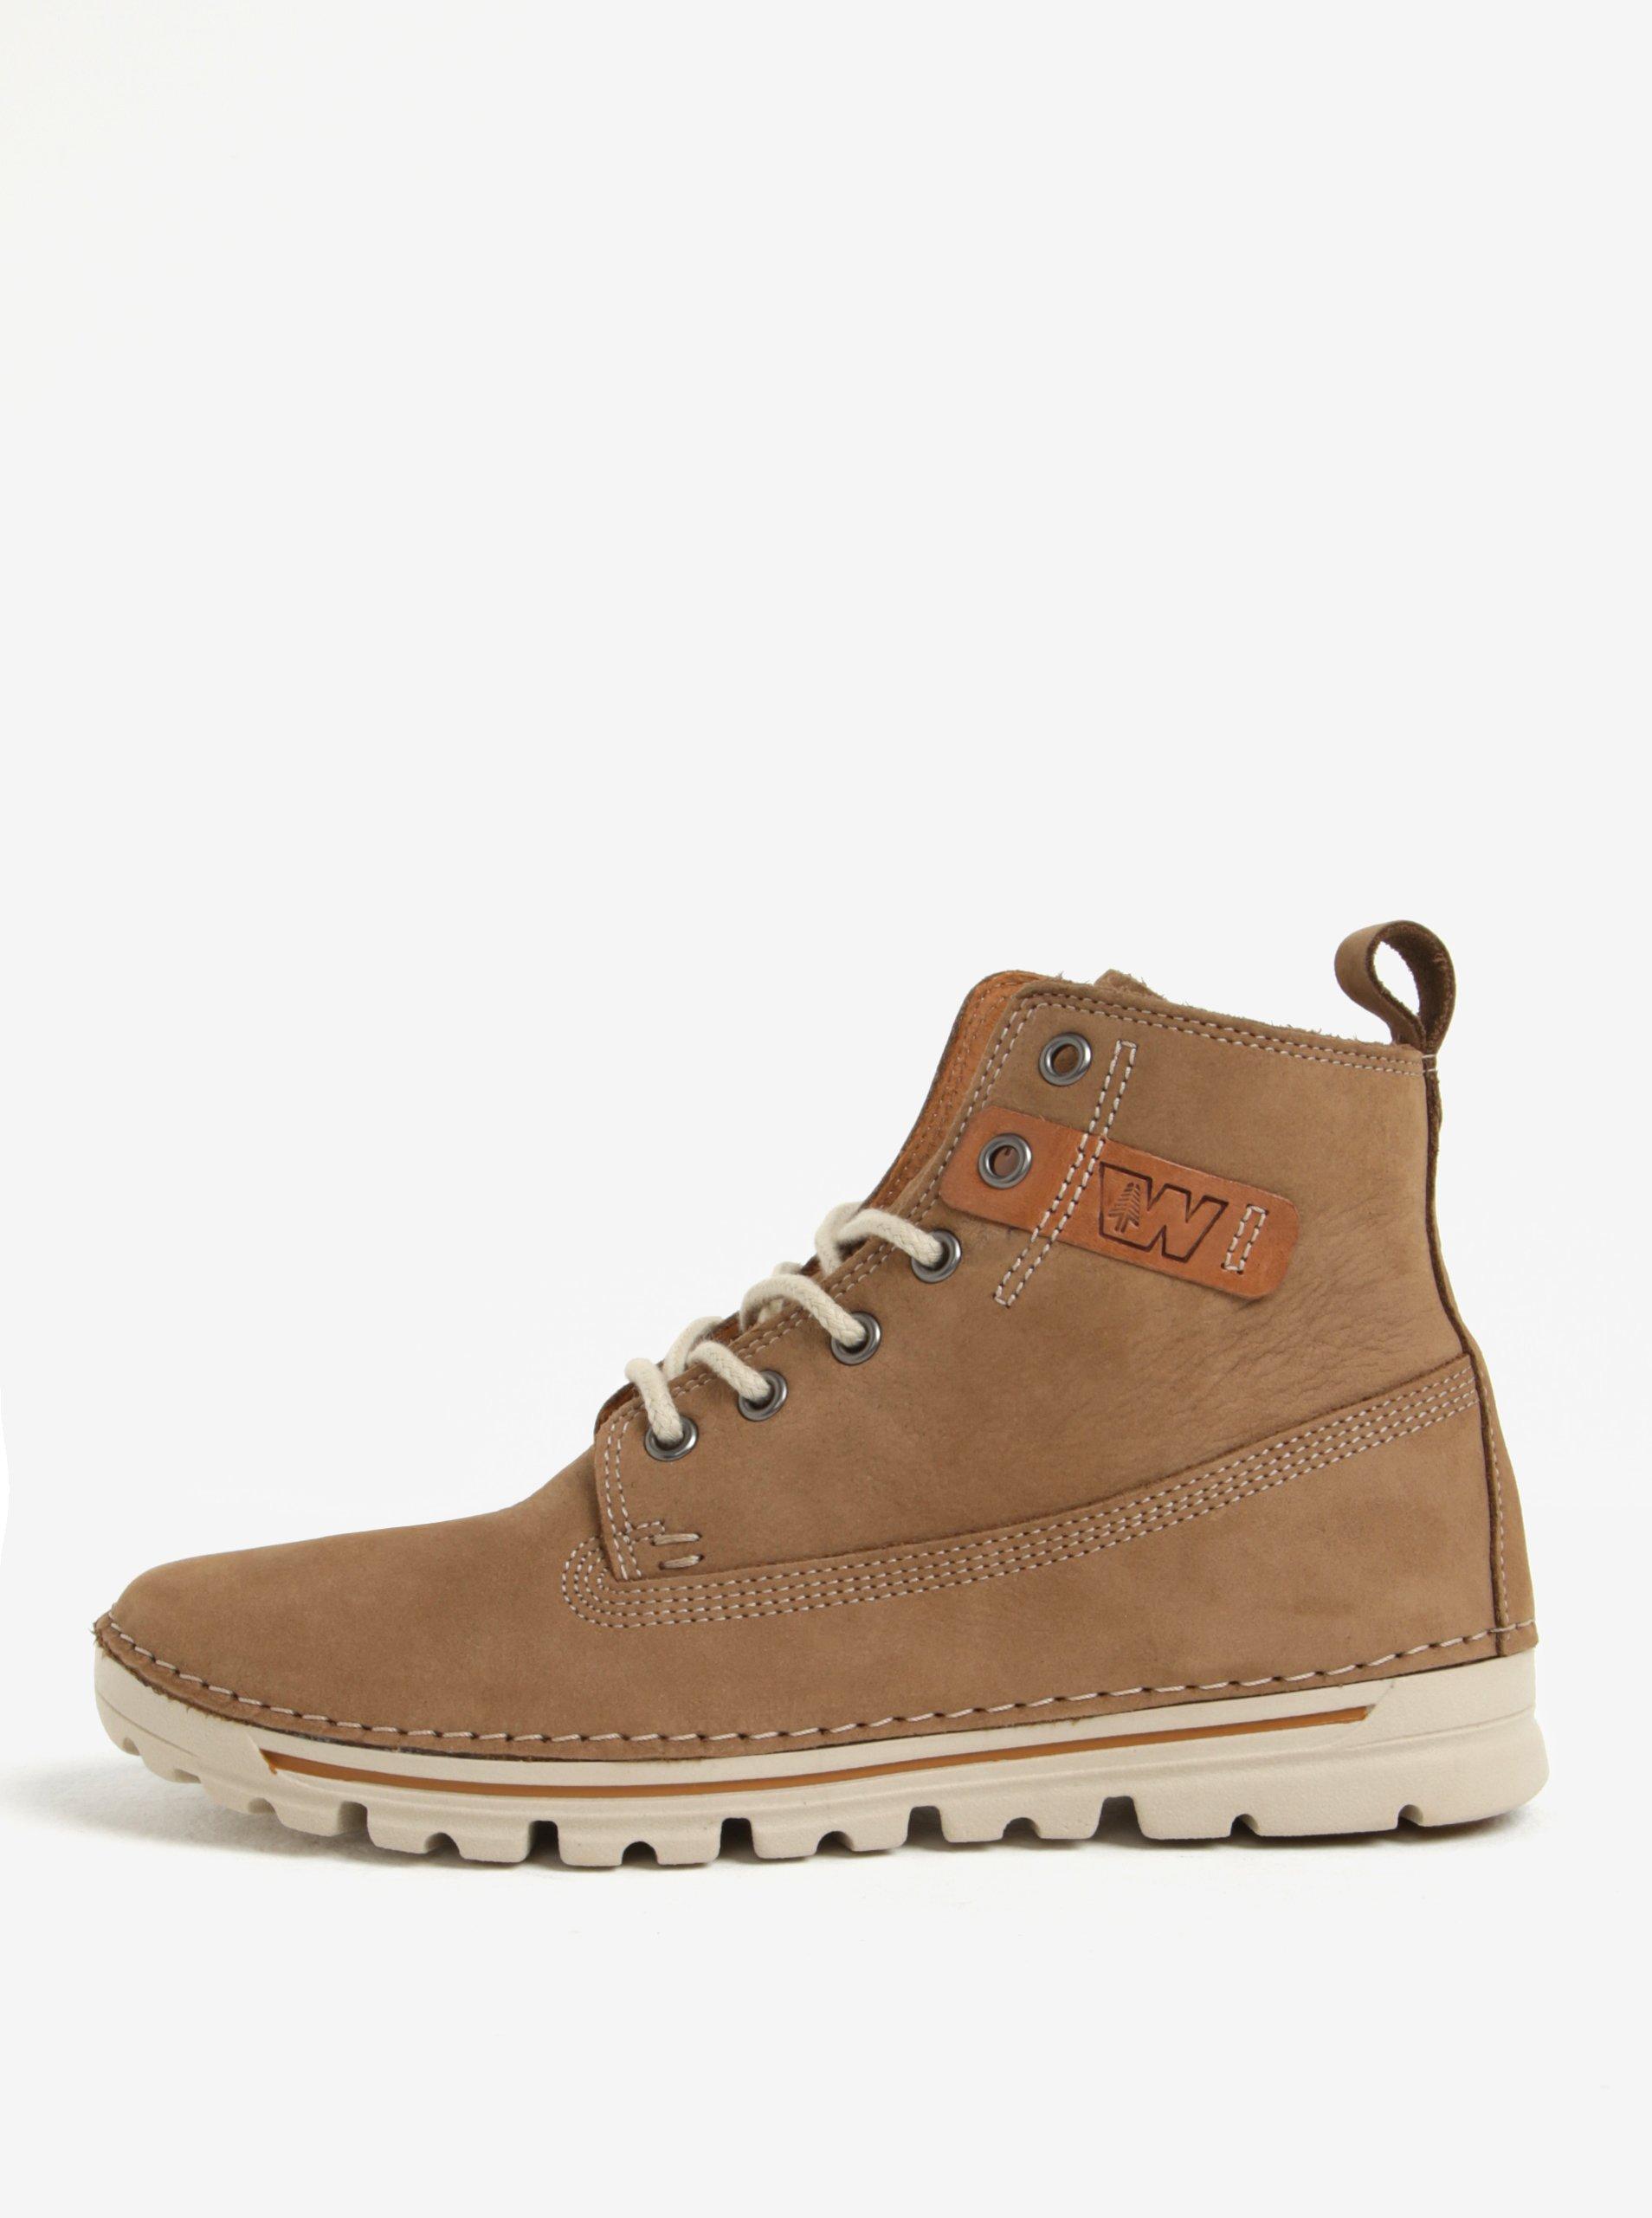 b57cd85f5b Hnedé dámske kožené členkové topánky Weinbrenner